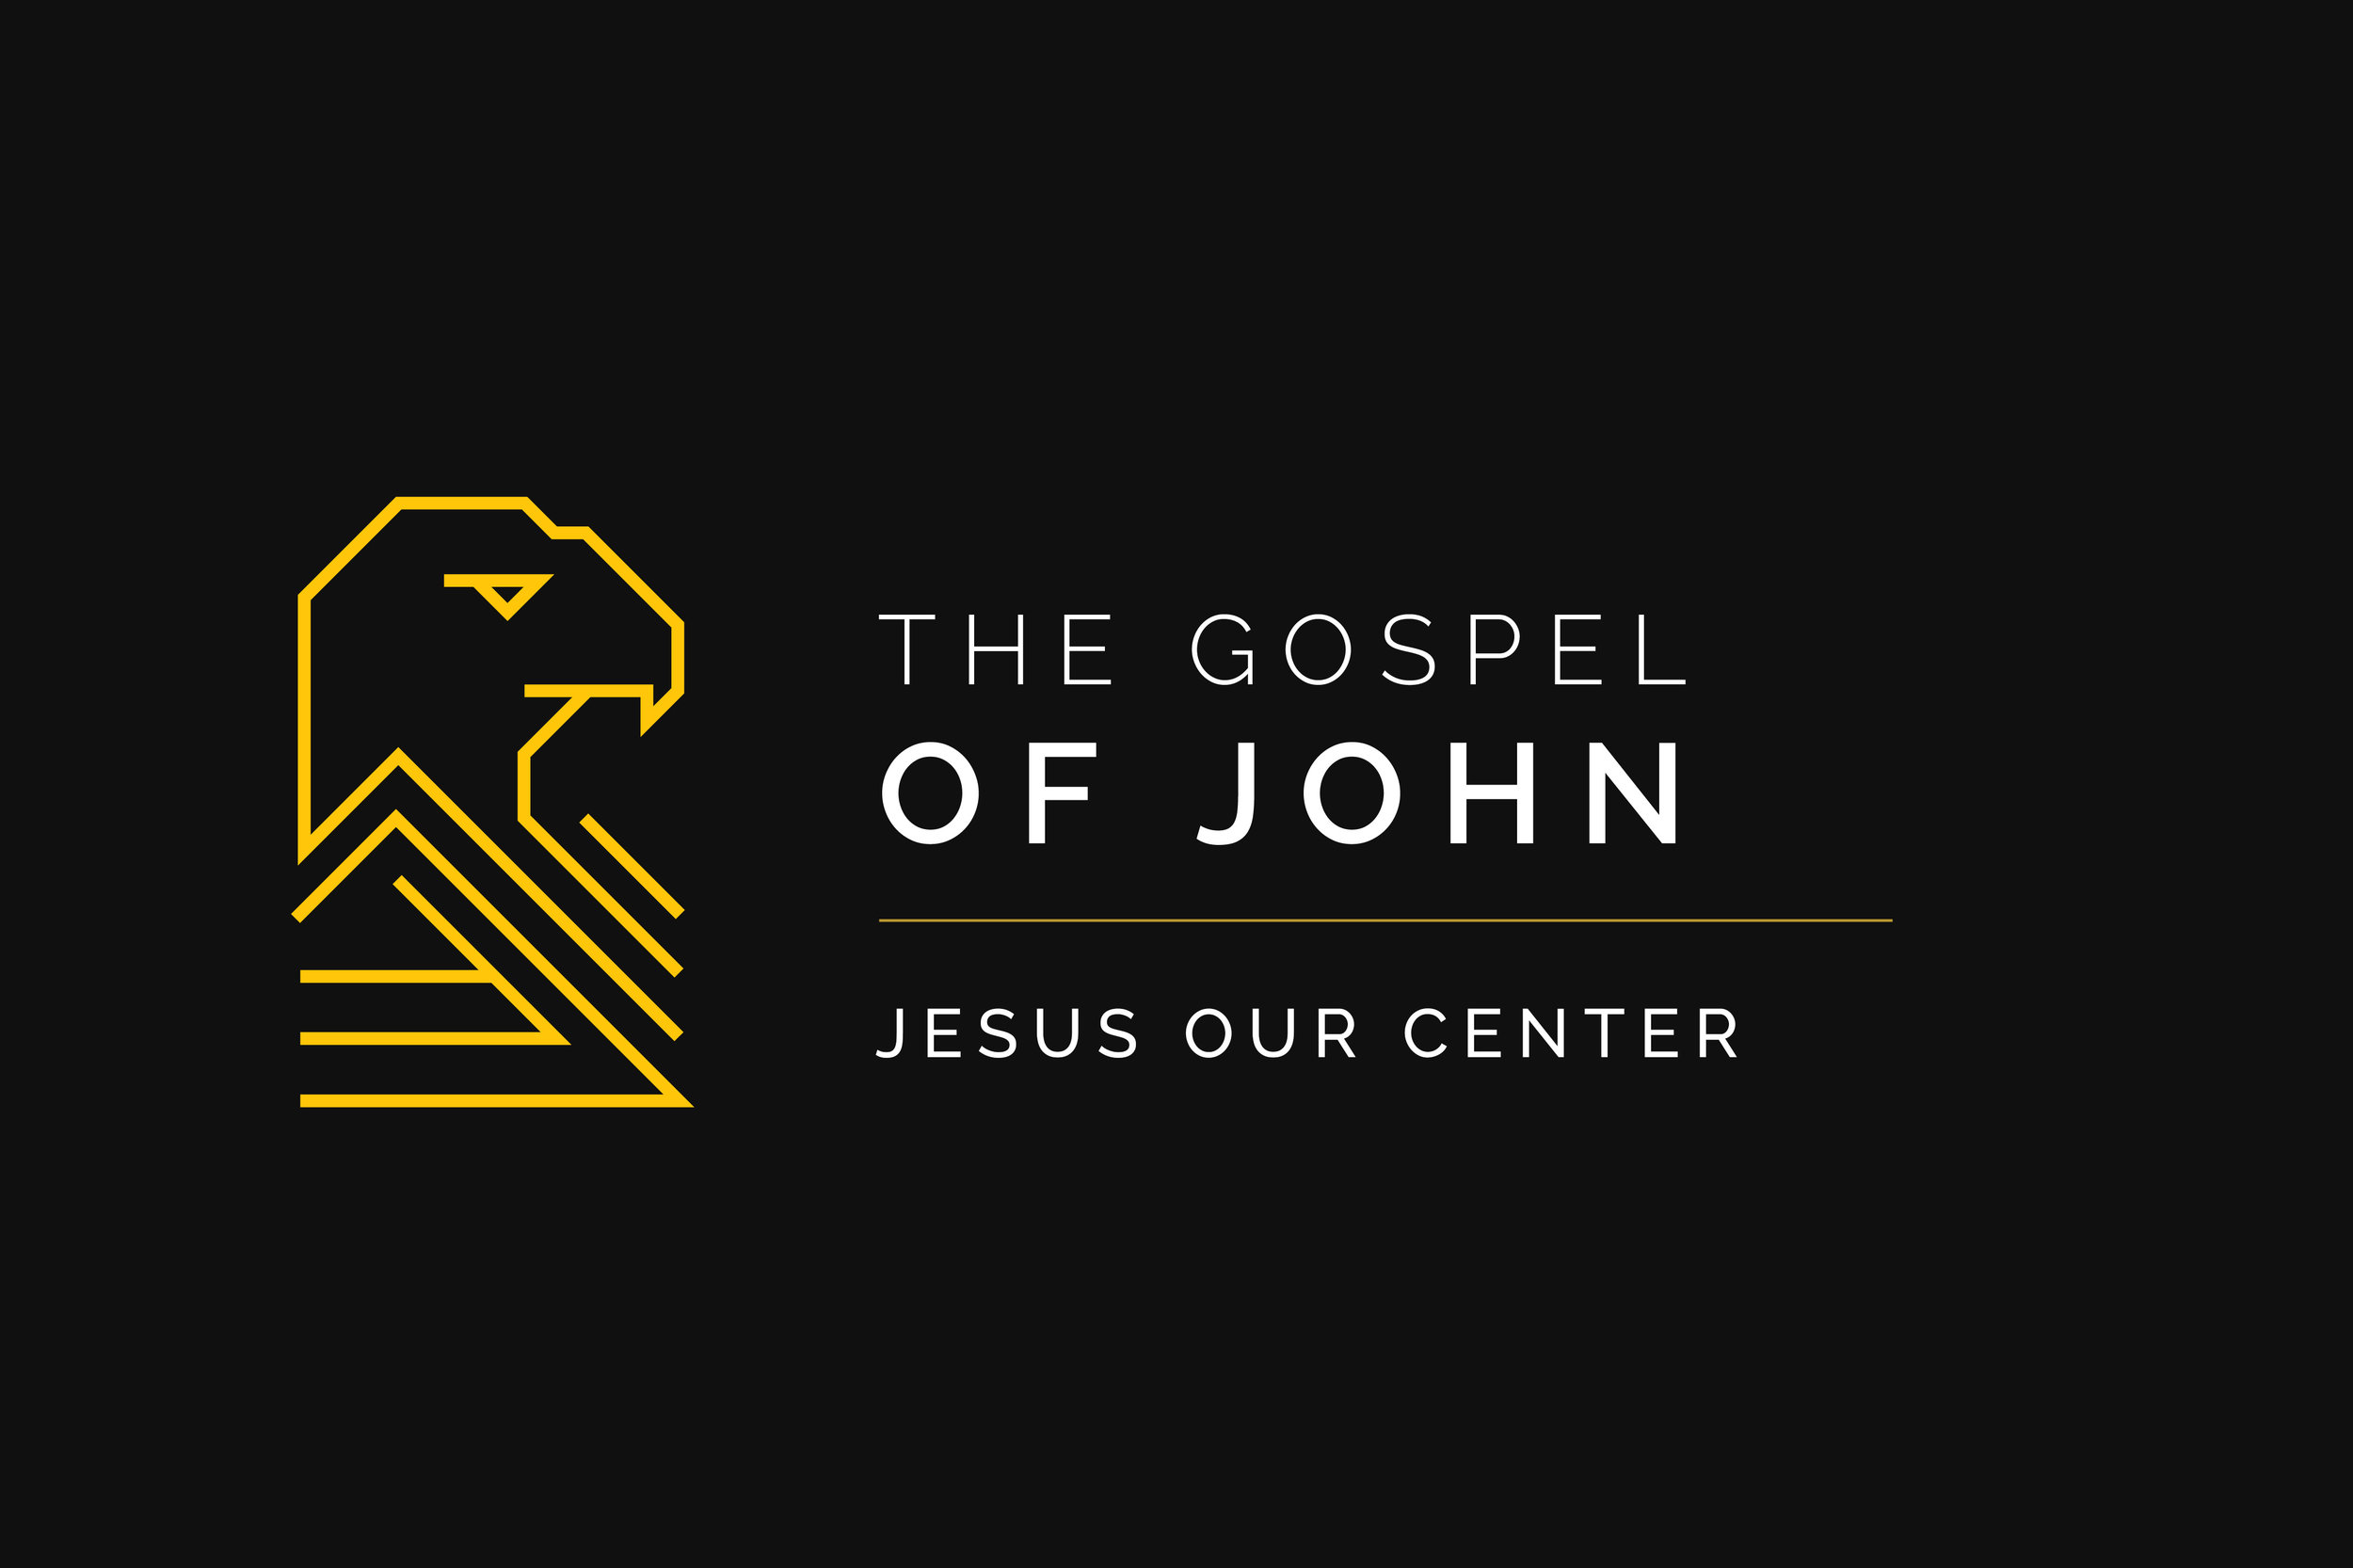 05 The-Gospel-of-John--Jesus-Our-Center.jpg